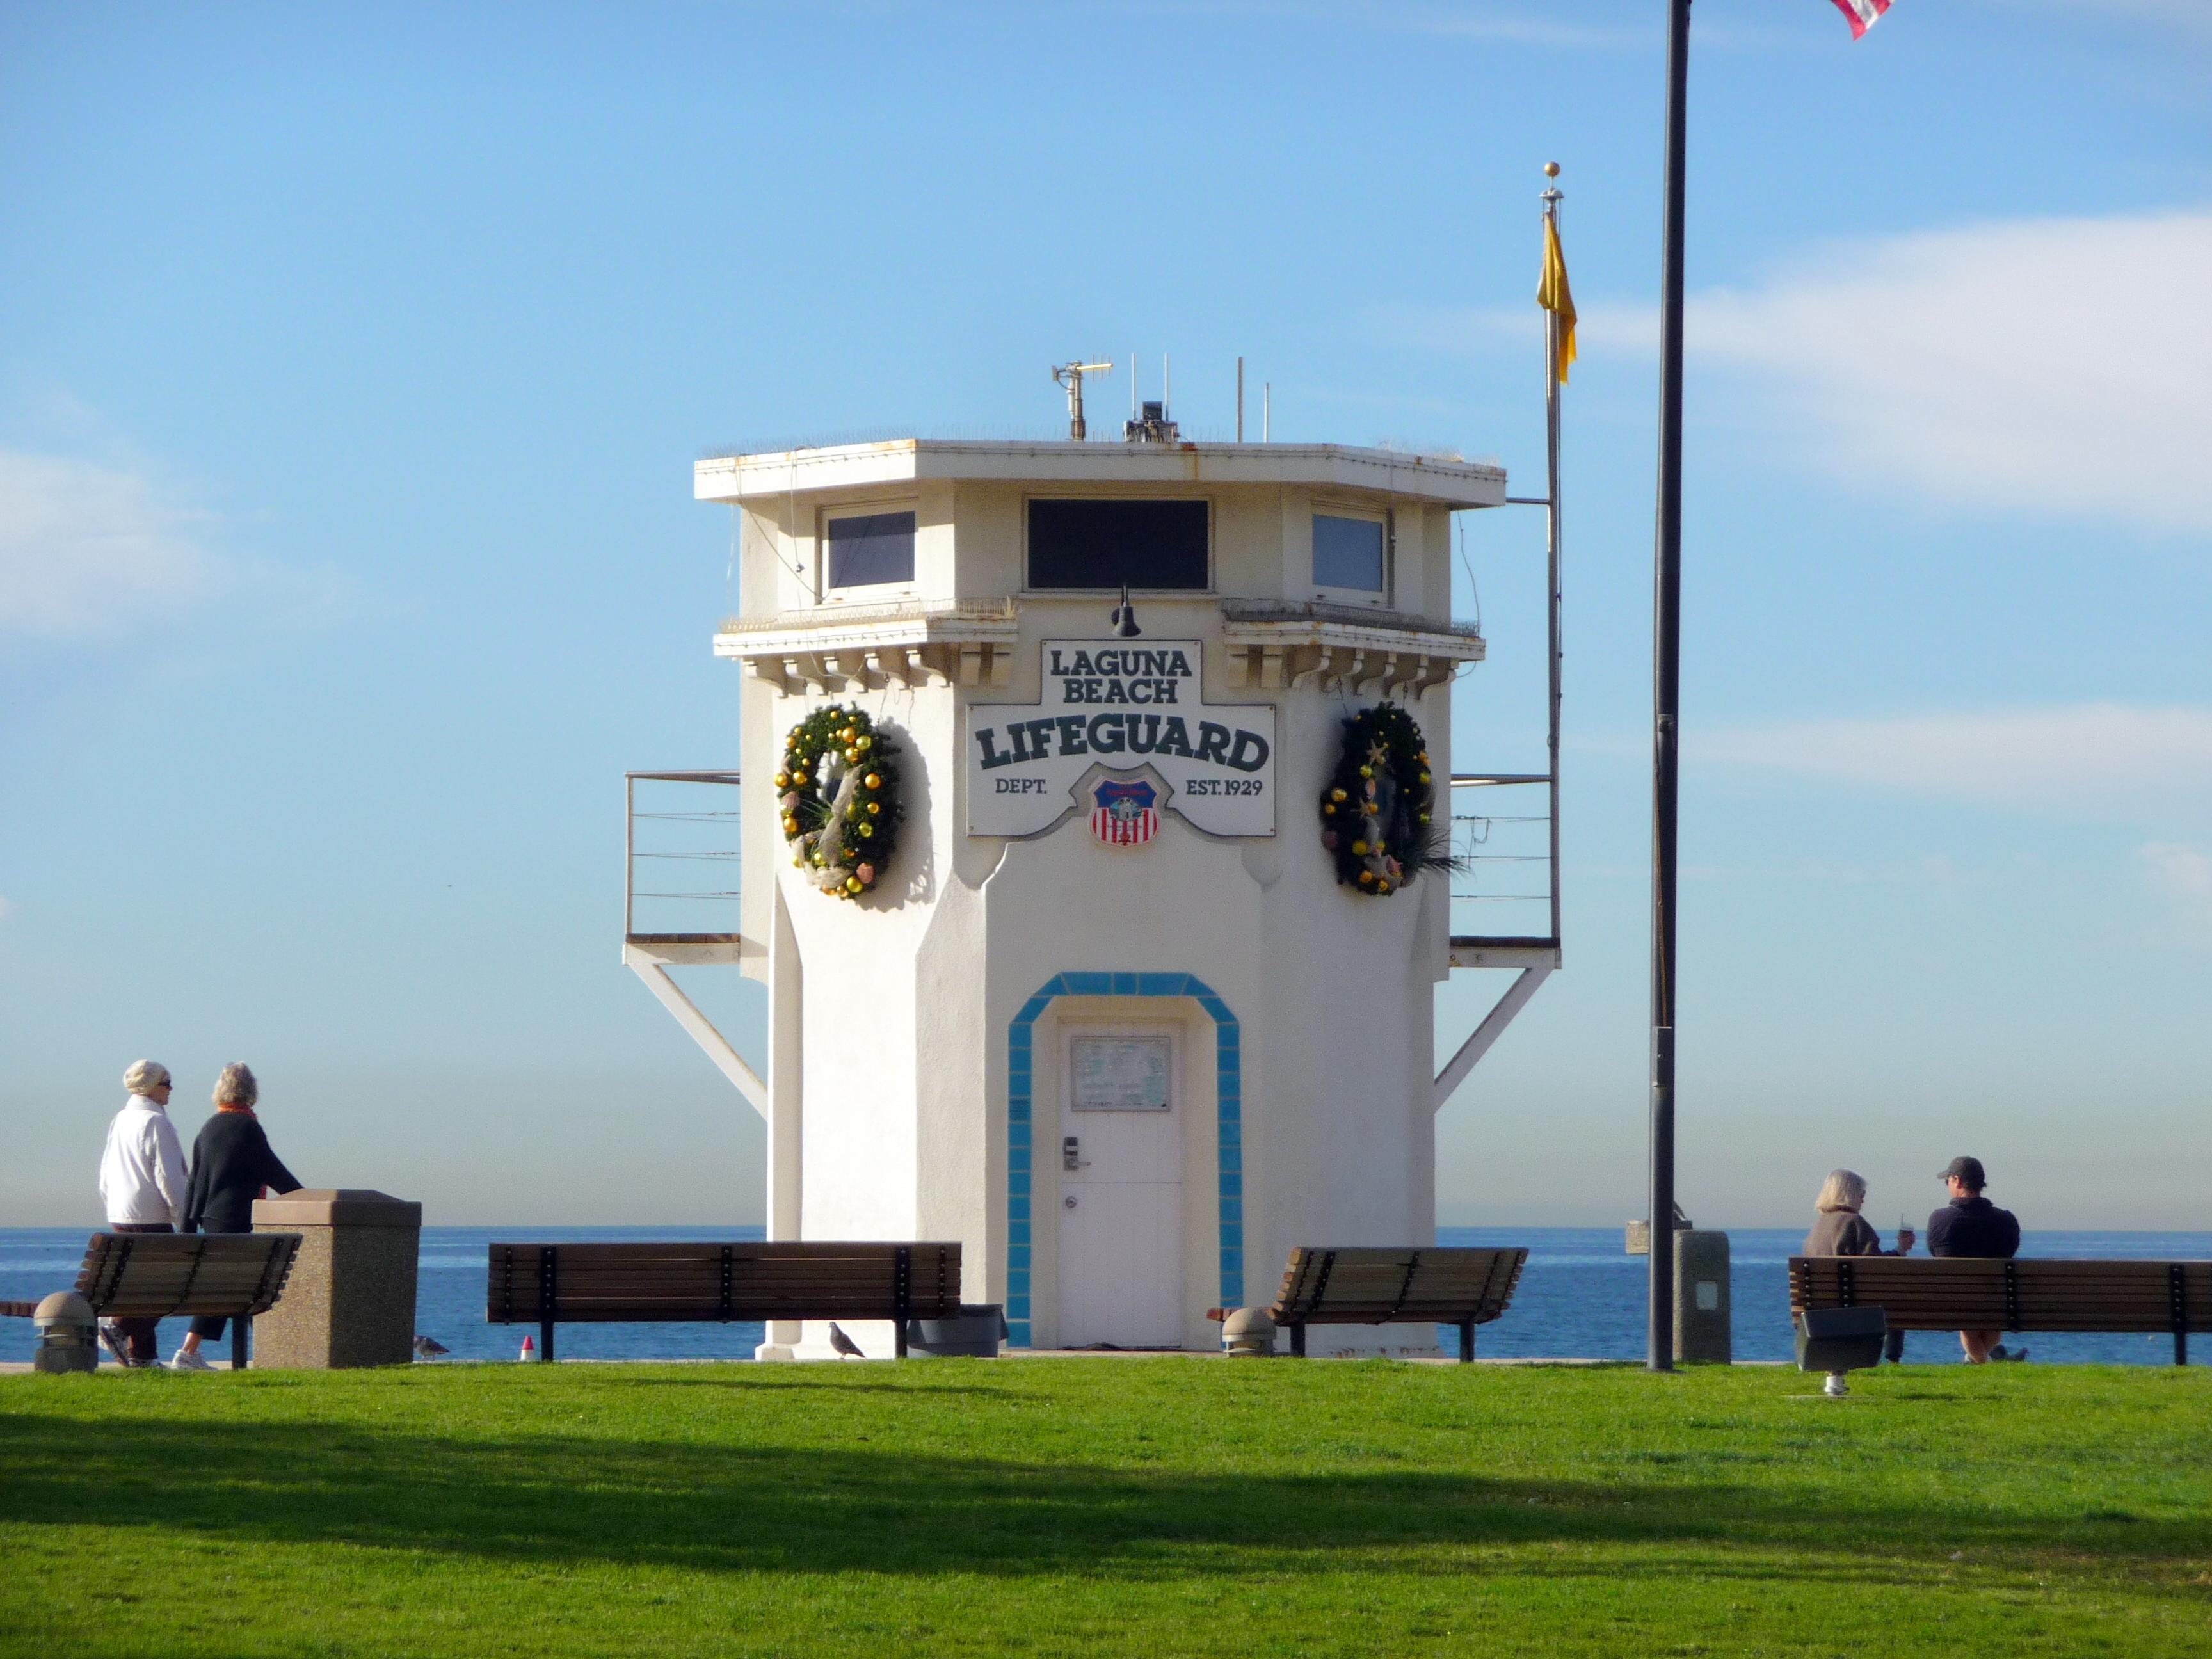 File:Laguna Beach, Lifeguard - panoramio - Patrick Nouhailler's….jpg ...